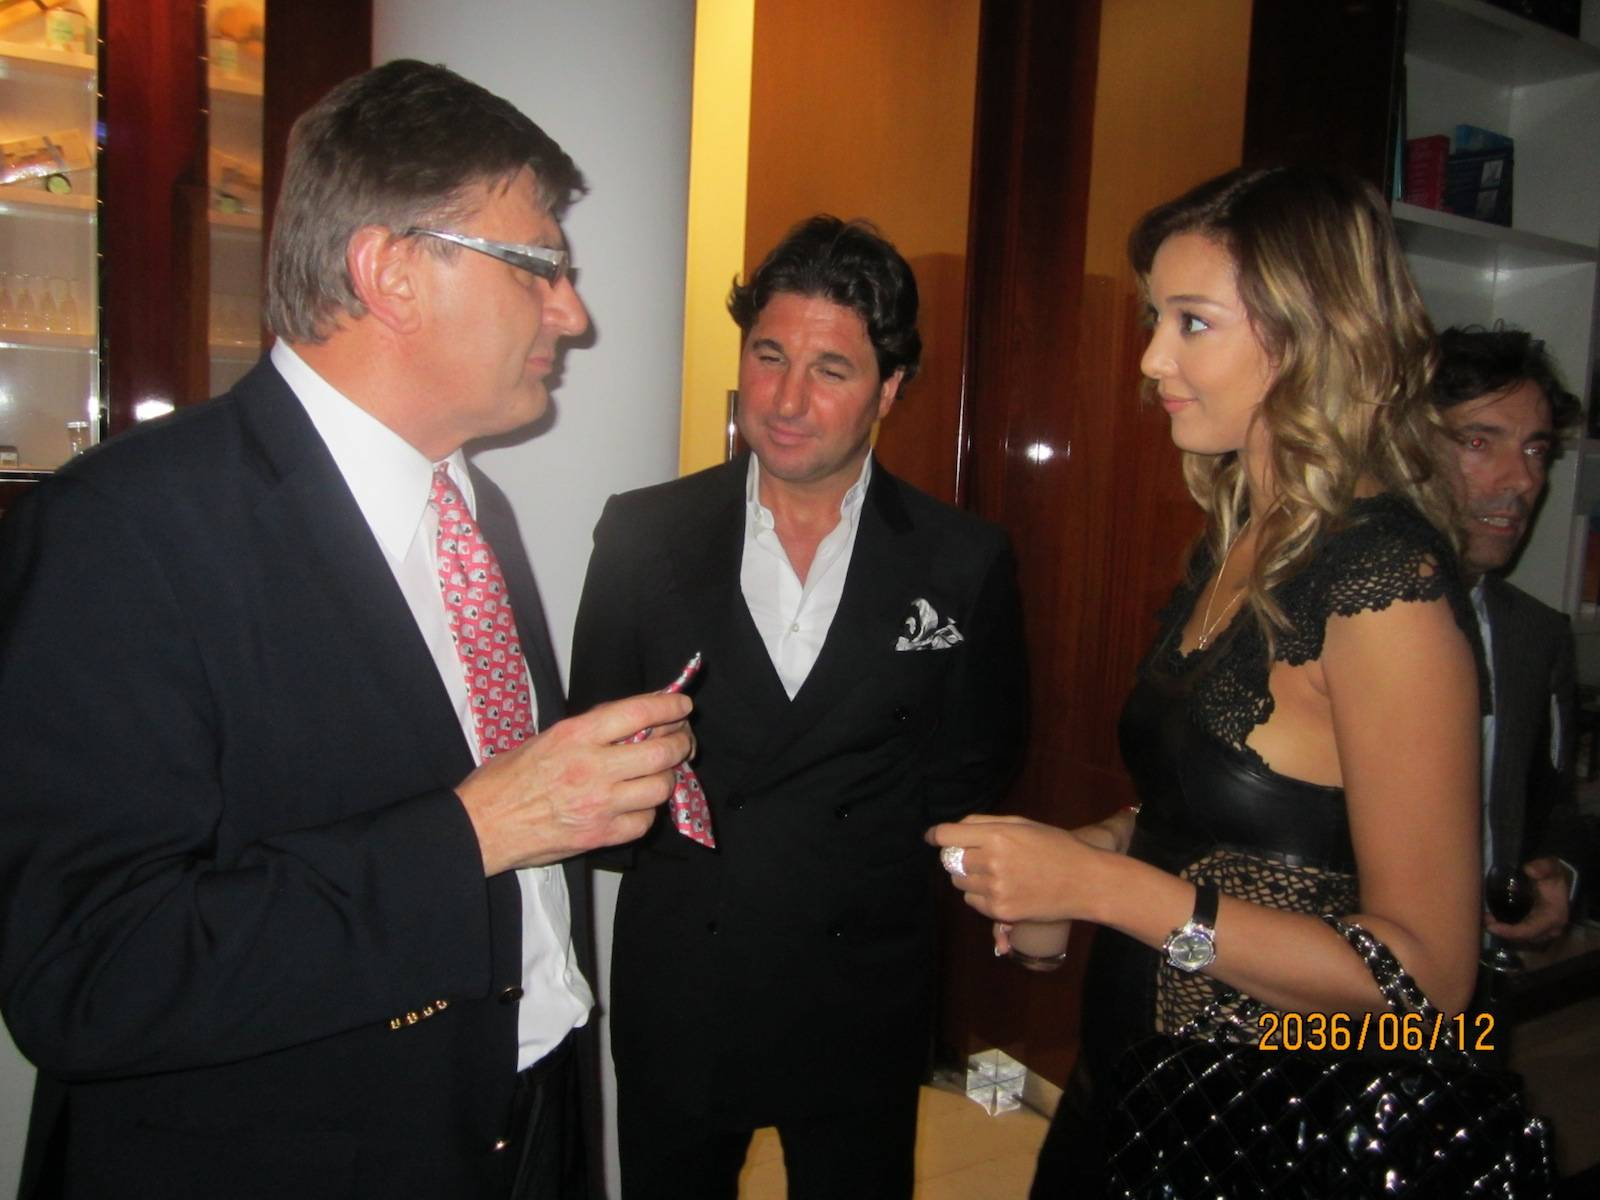 Geox owner, italian billionaire Mario Moretti Polegato, Giorgio Veroni and Noela